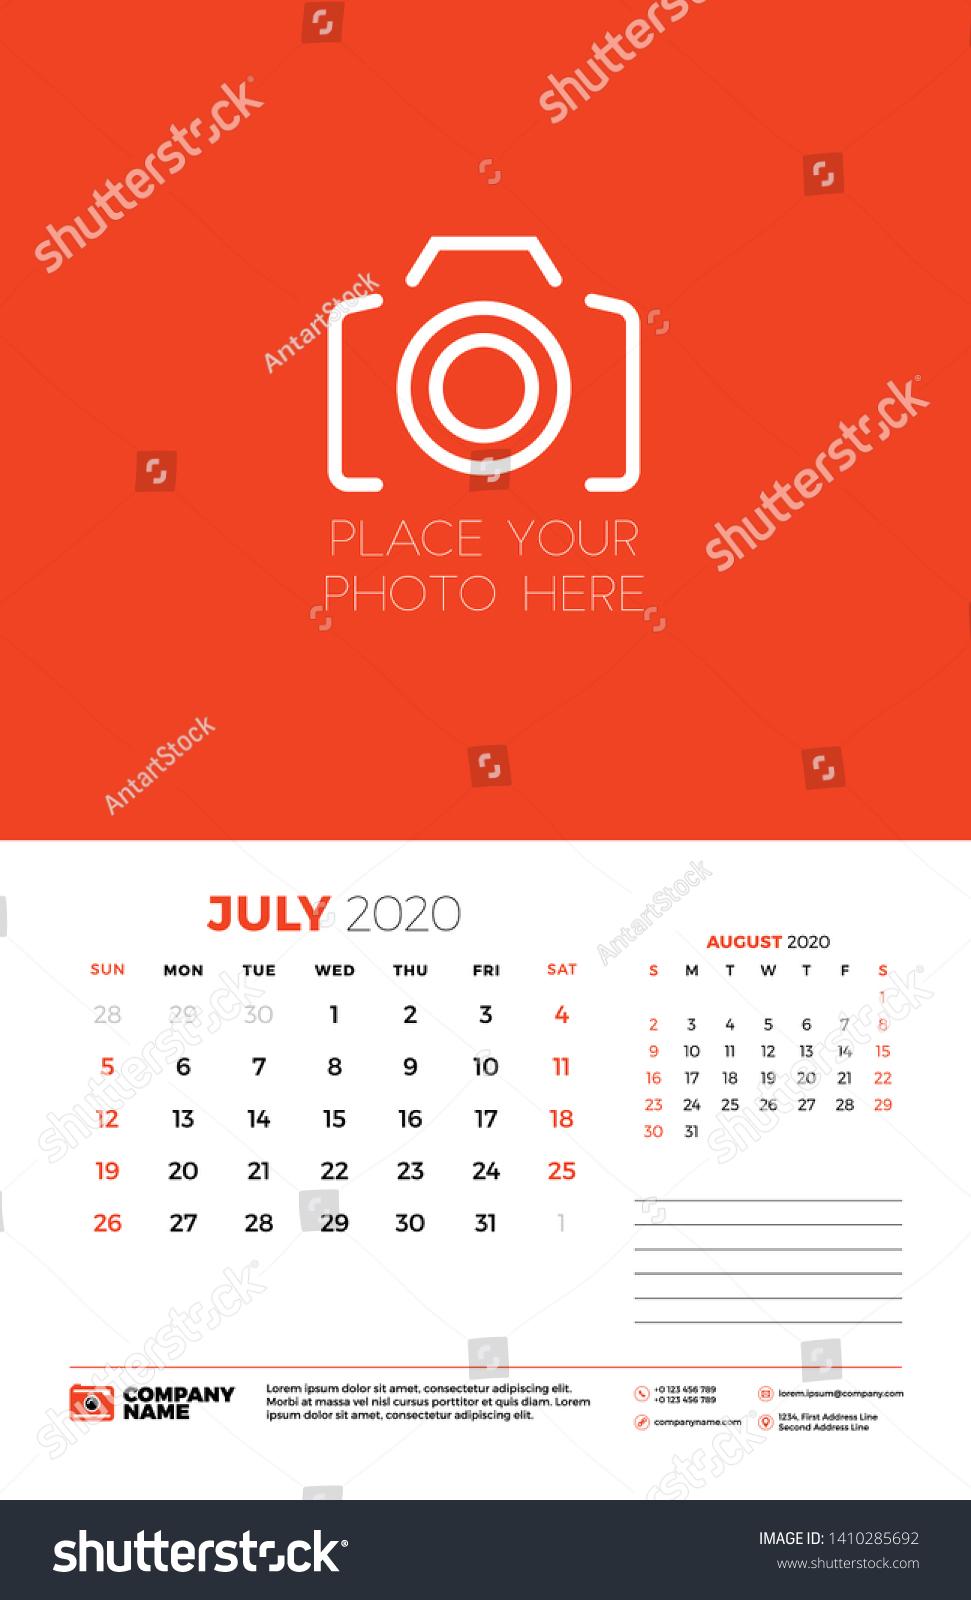 July 2020 Wall Calendar Planner Template